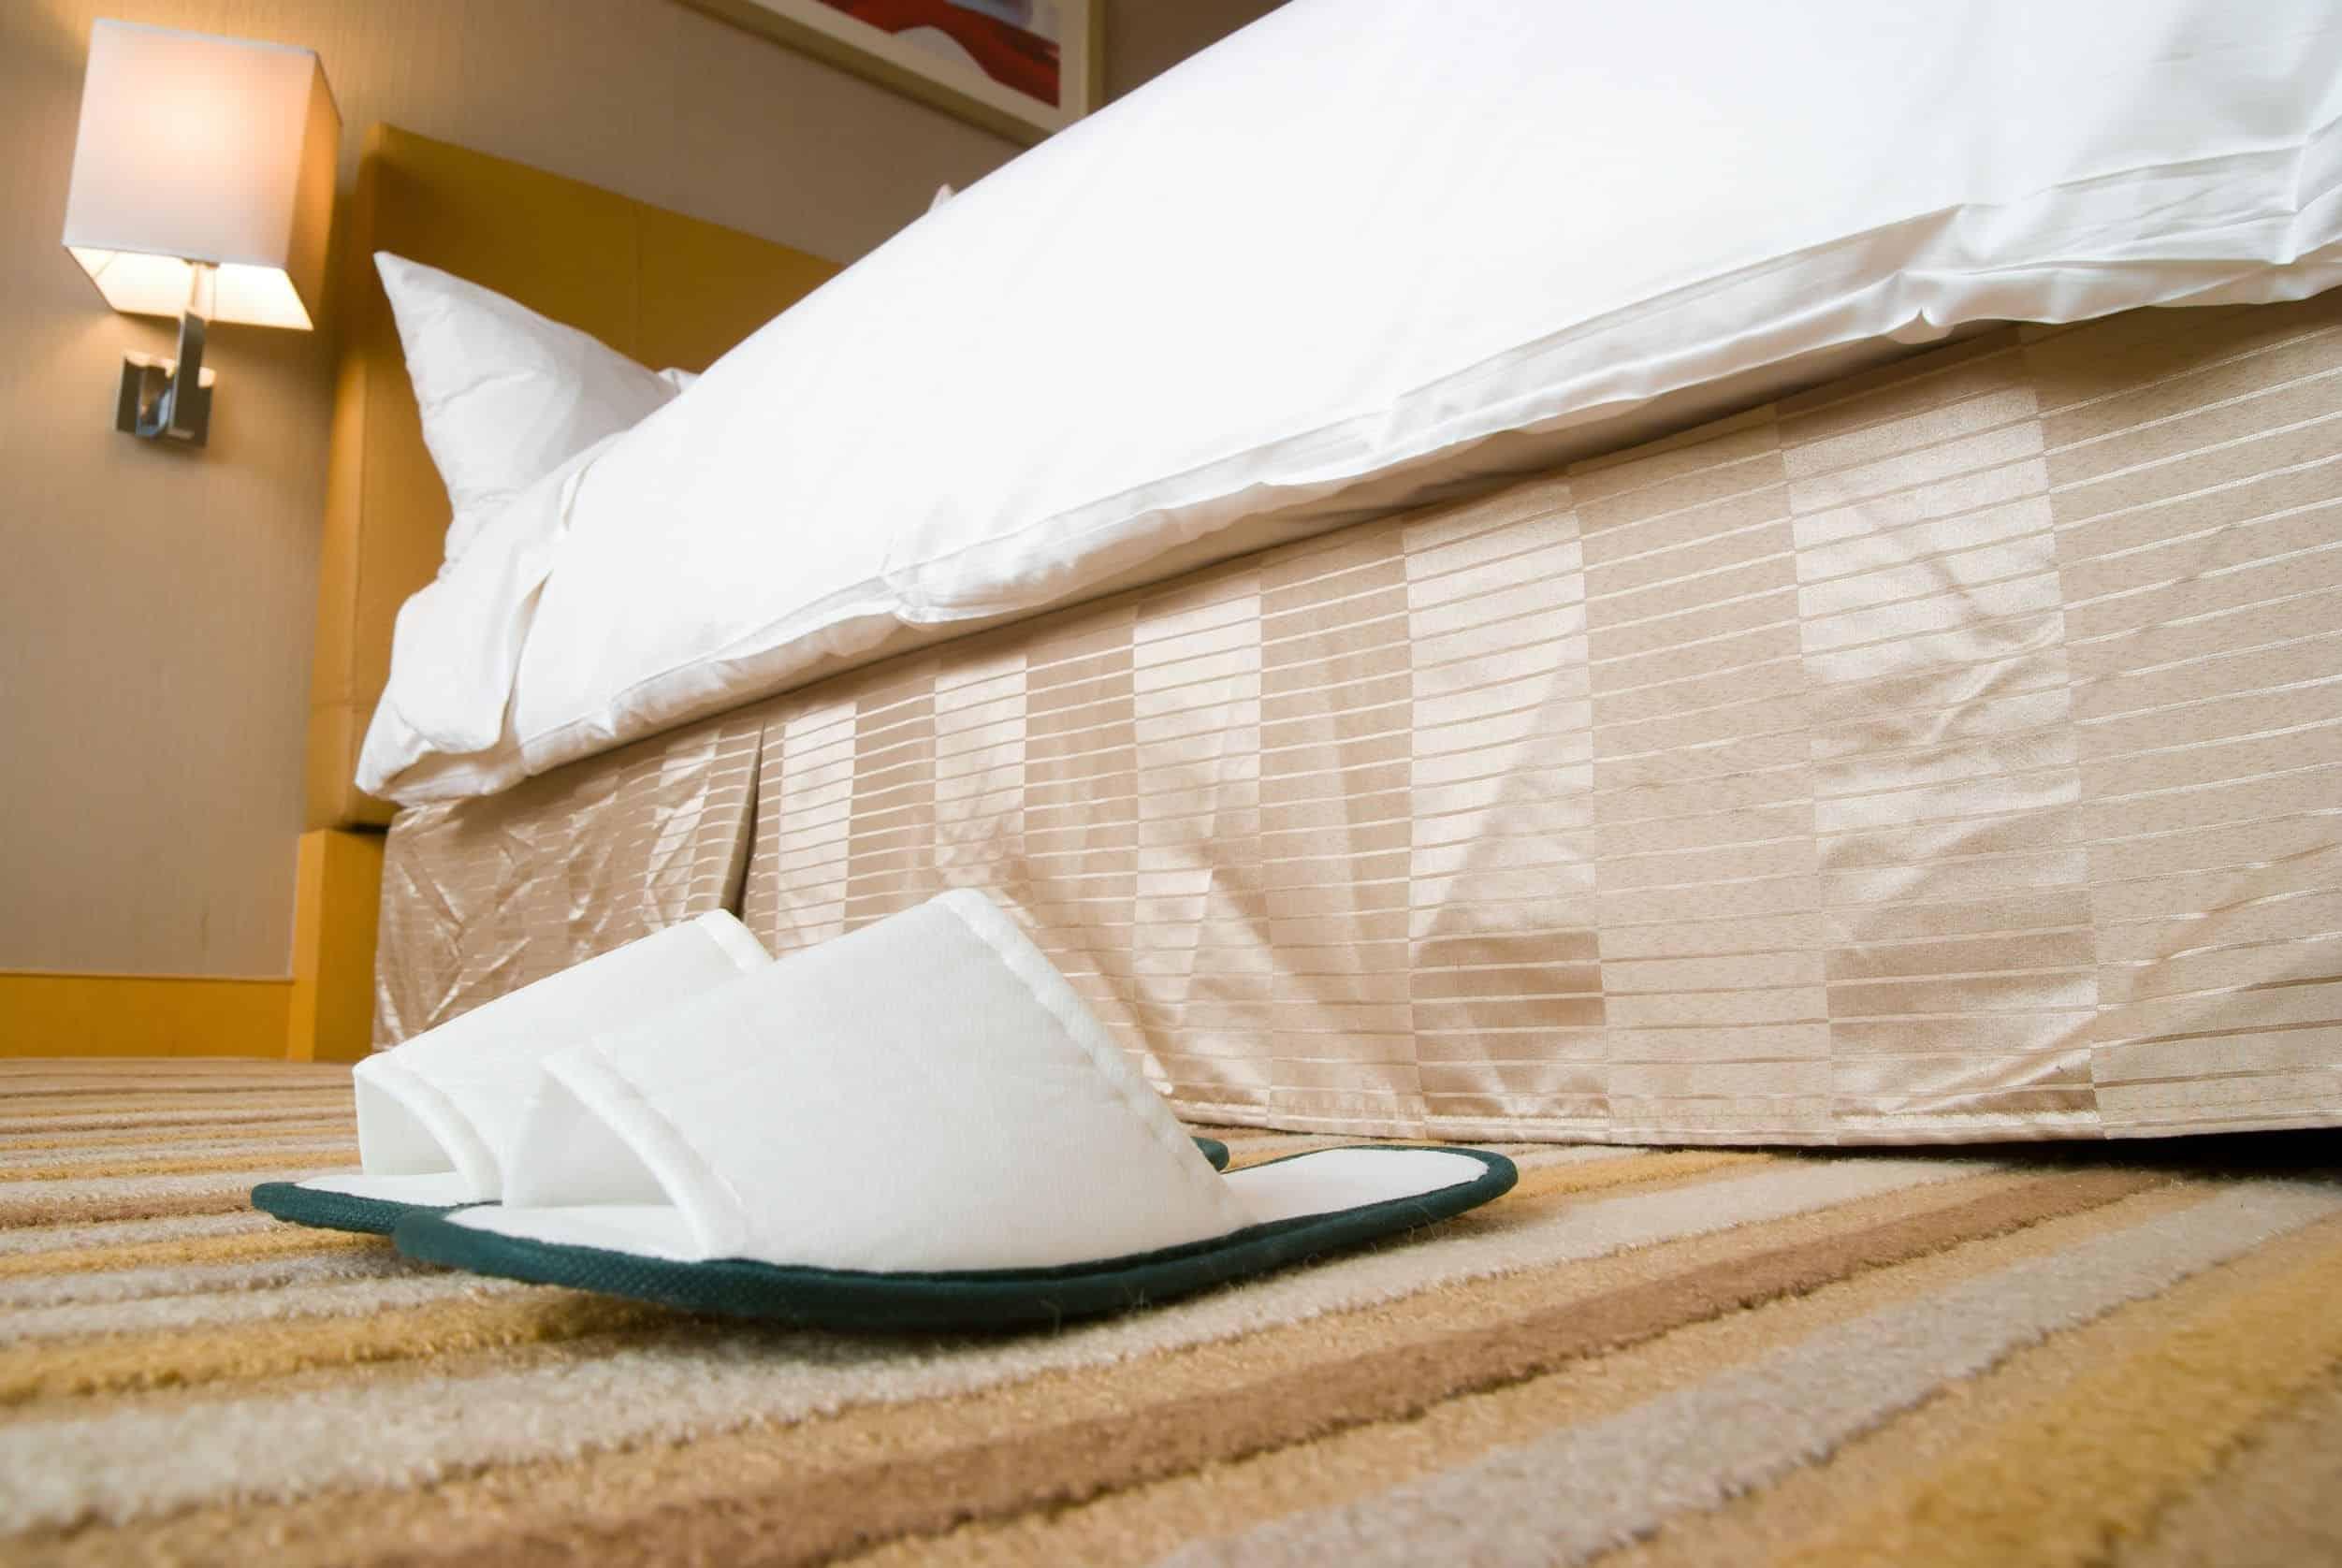 Hausschuhe: Test & Empfehlungen (03/21)